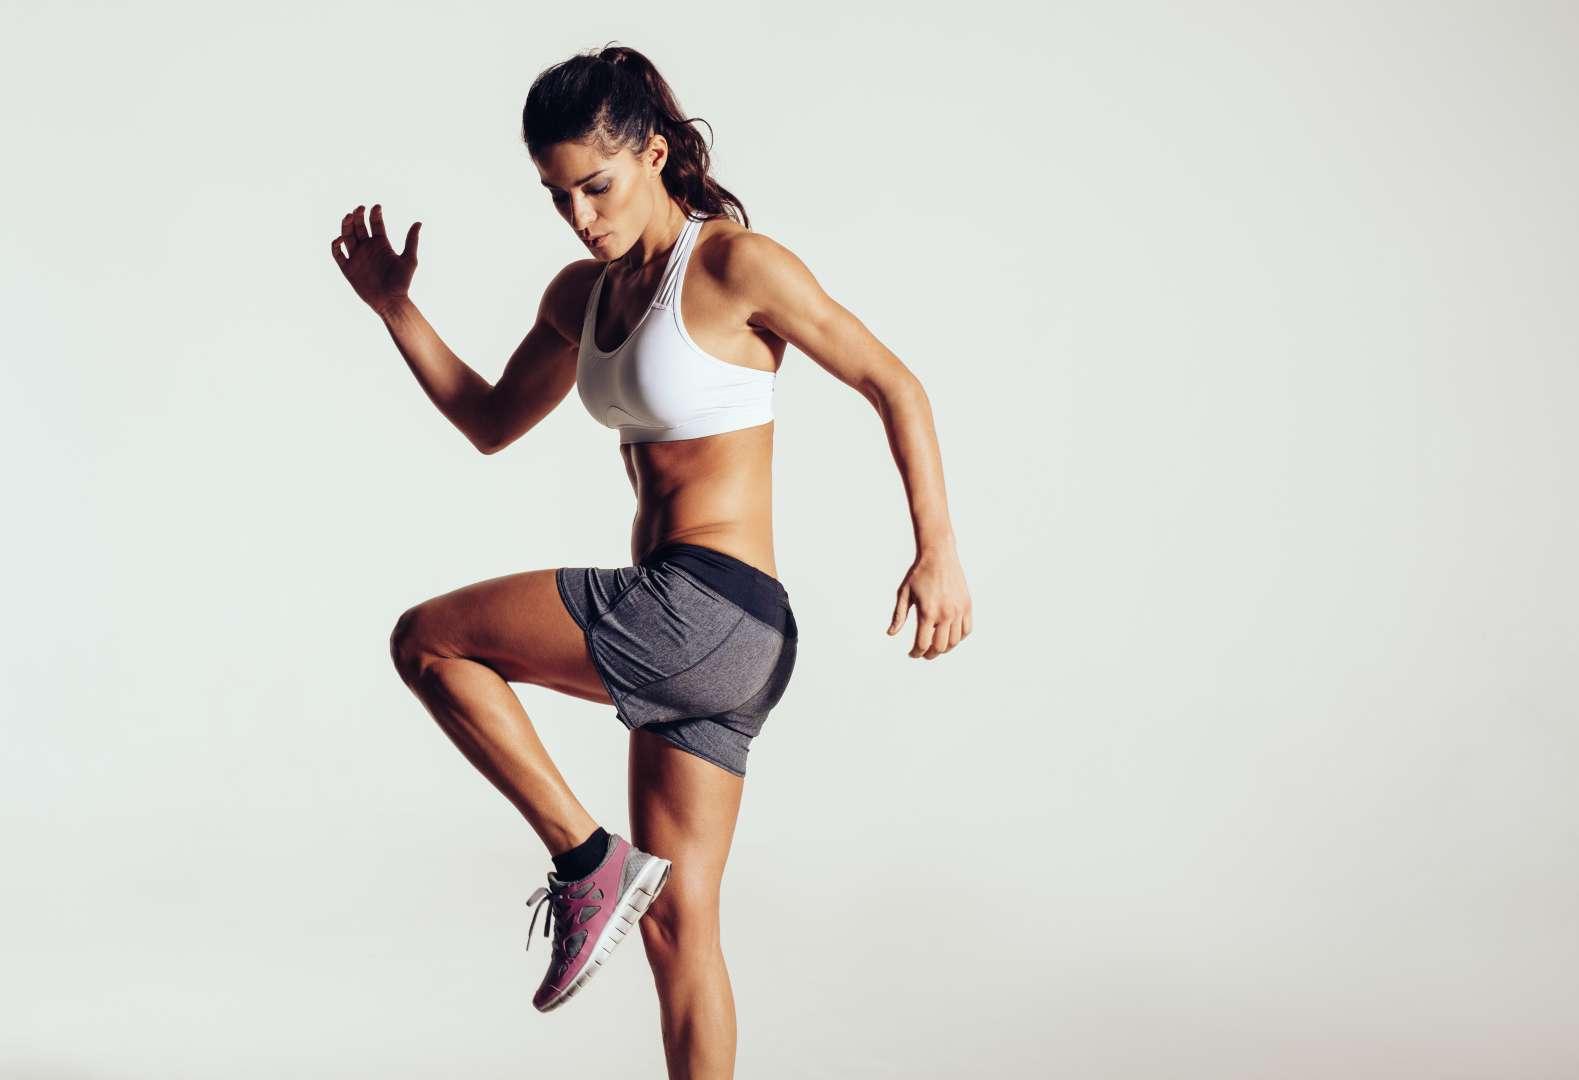 La importancia de muscular para las mujeres